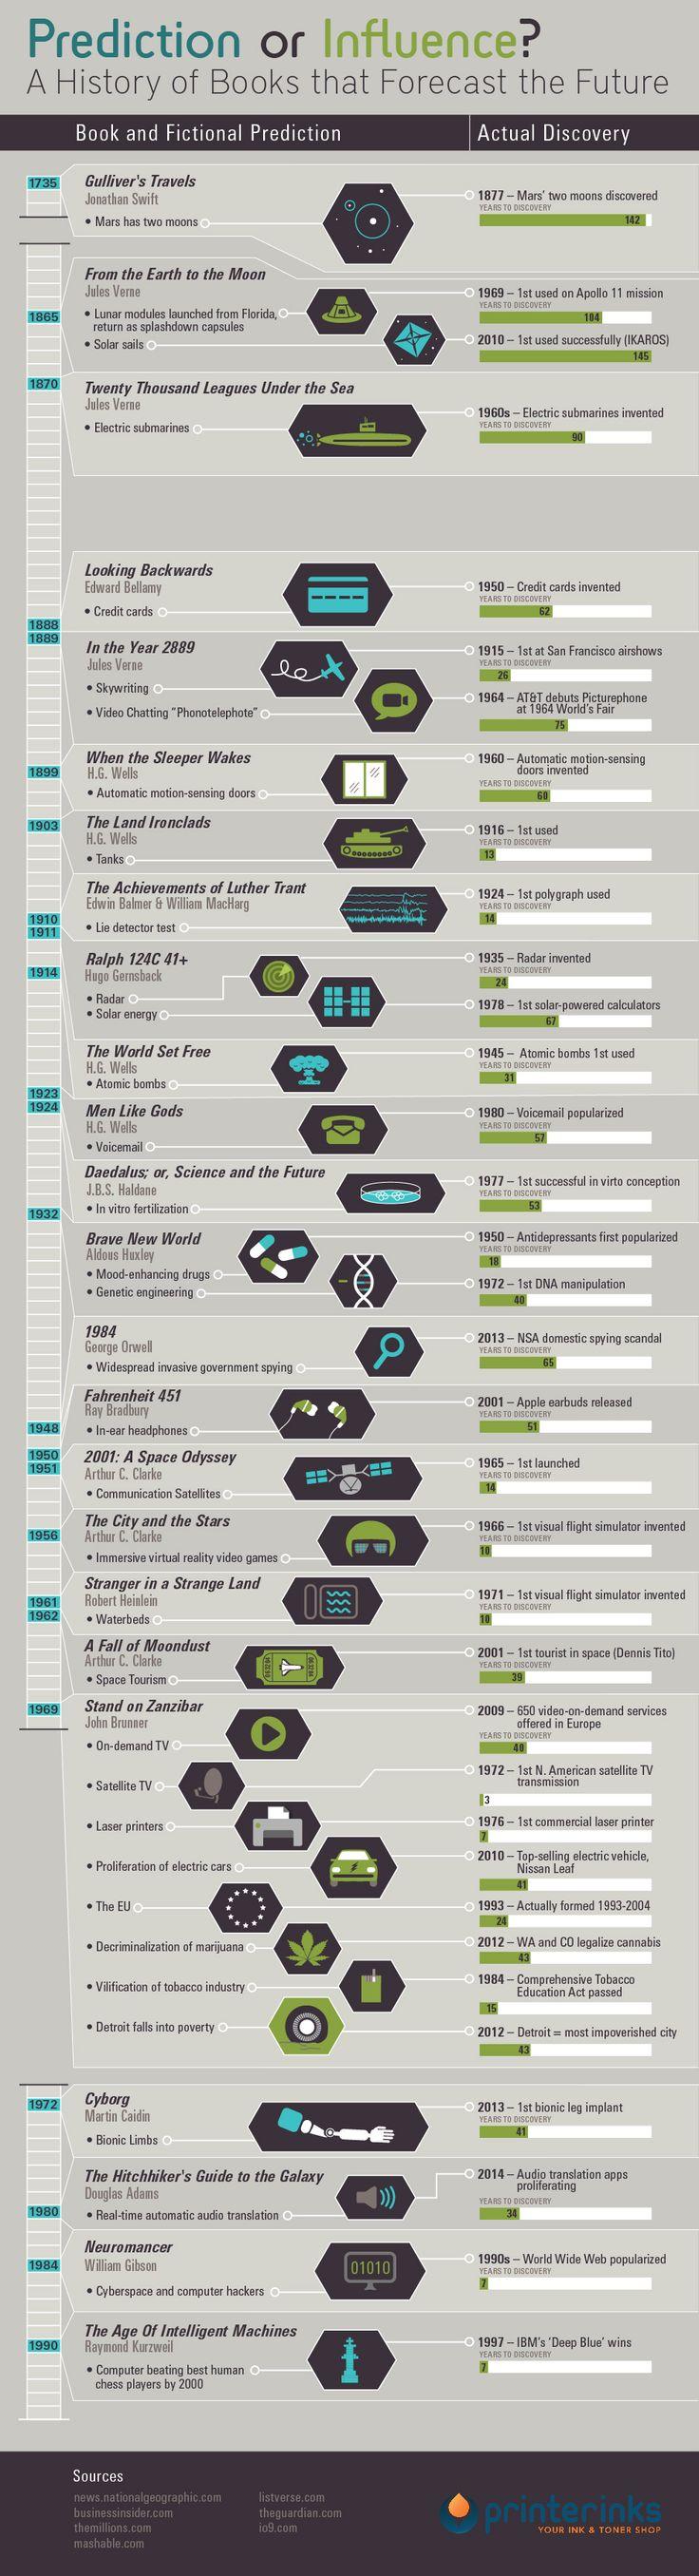 24 libri di fantascienza che hanno anticipato il futuro - Wired